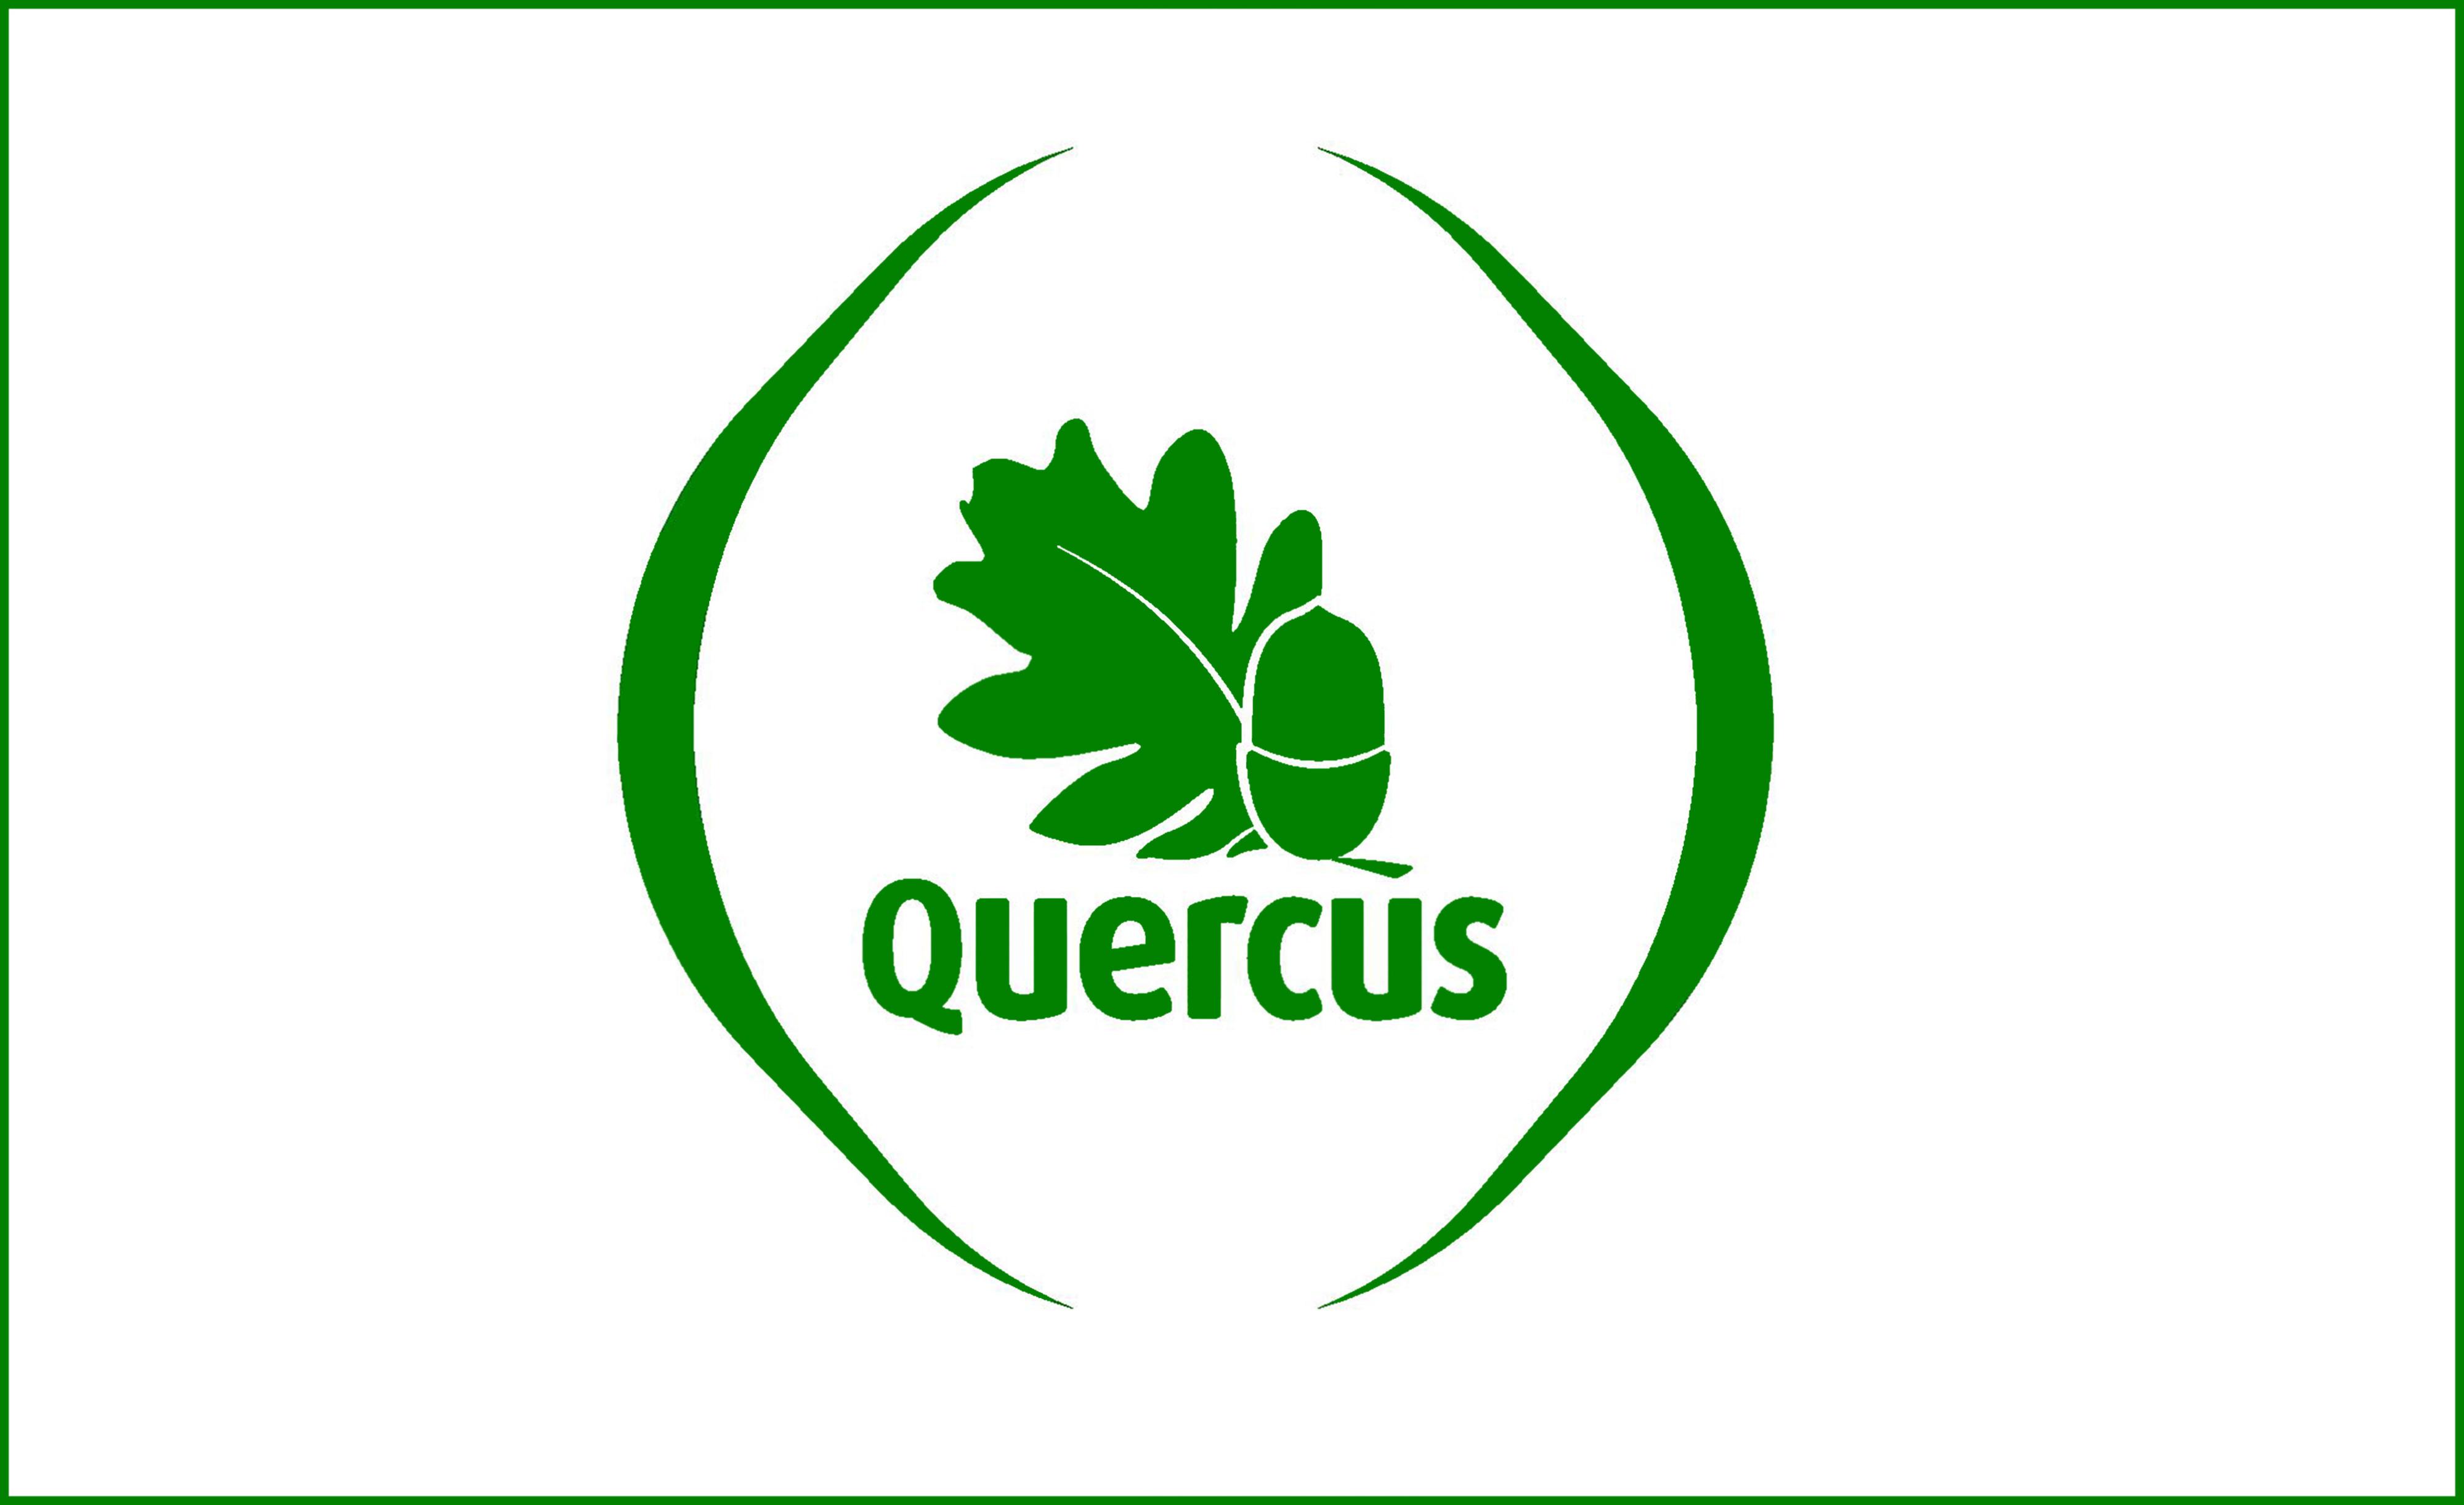 Quercus de Aveiro apela a suspensão da caça em zonas ardidas